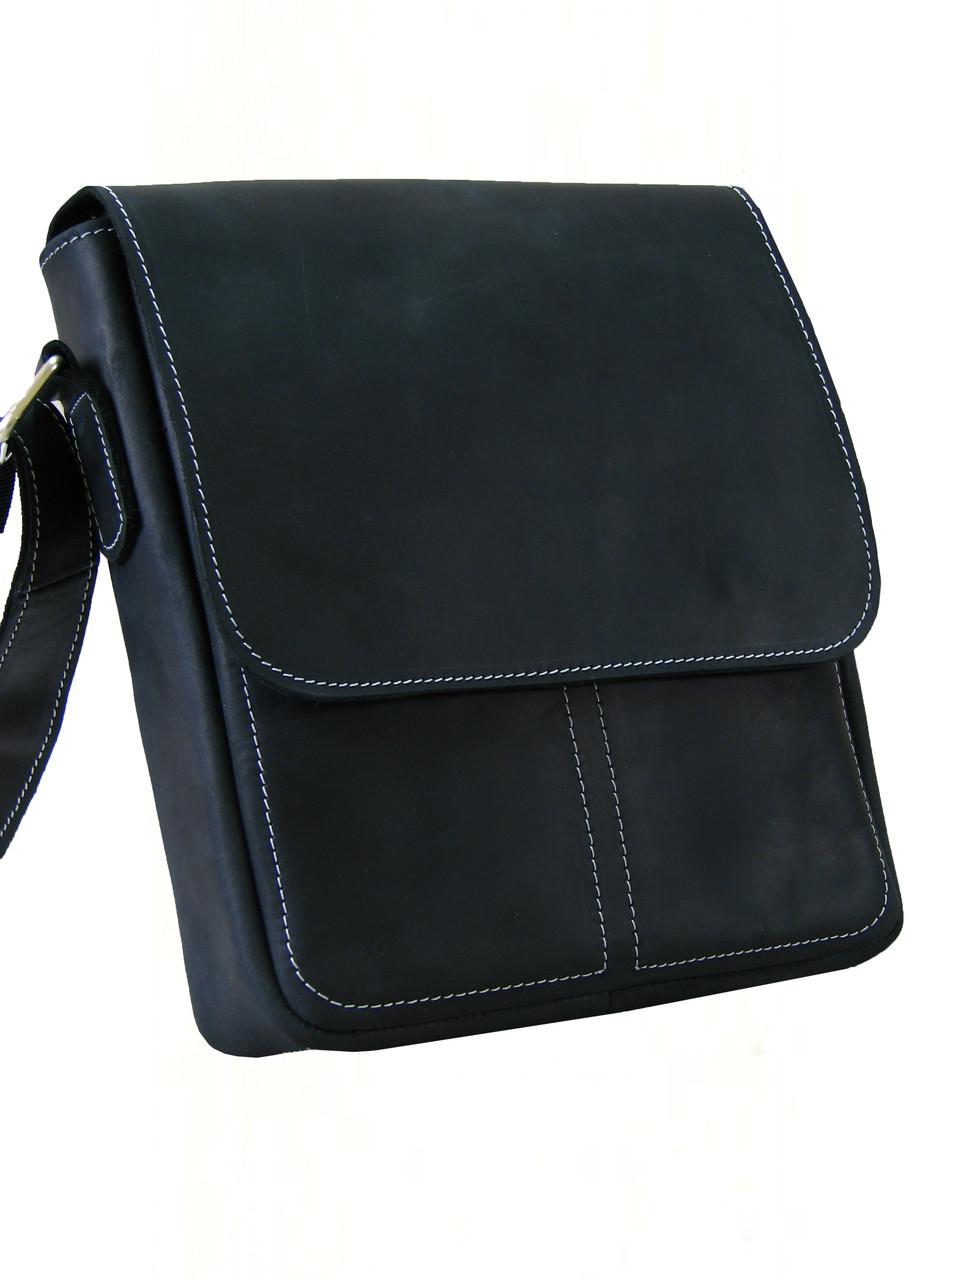 d551c445daf4 Мужская повседневная сумка GS кожаная черная: продажа, цена в ...